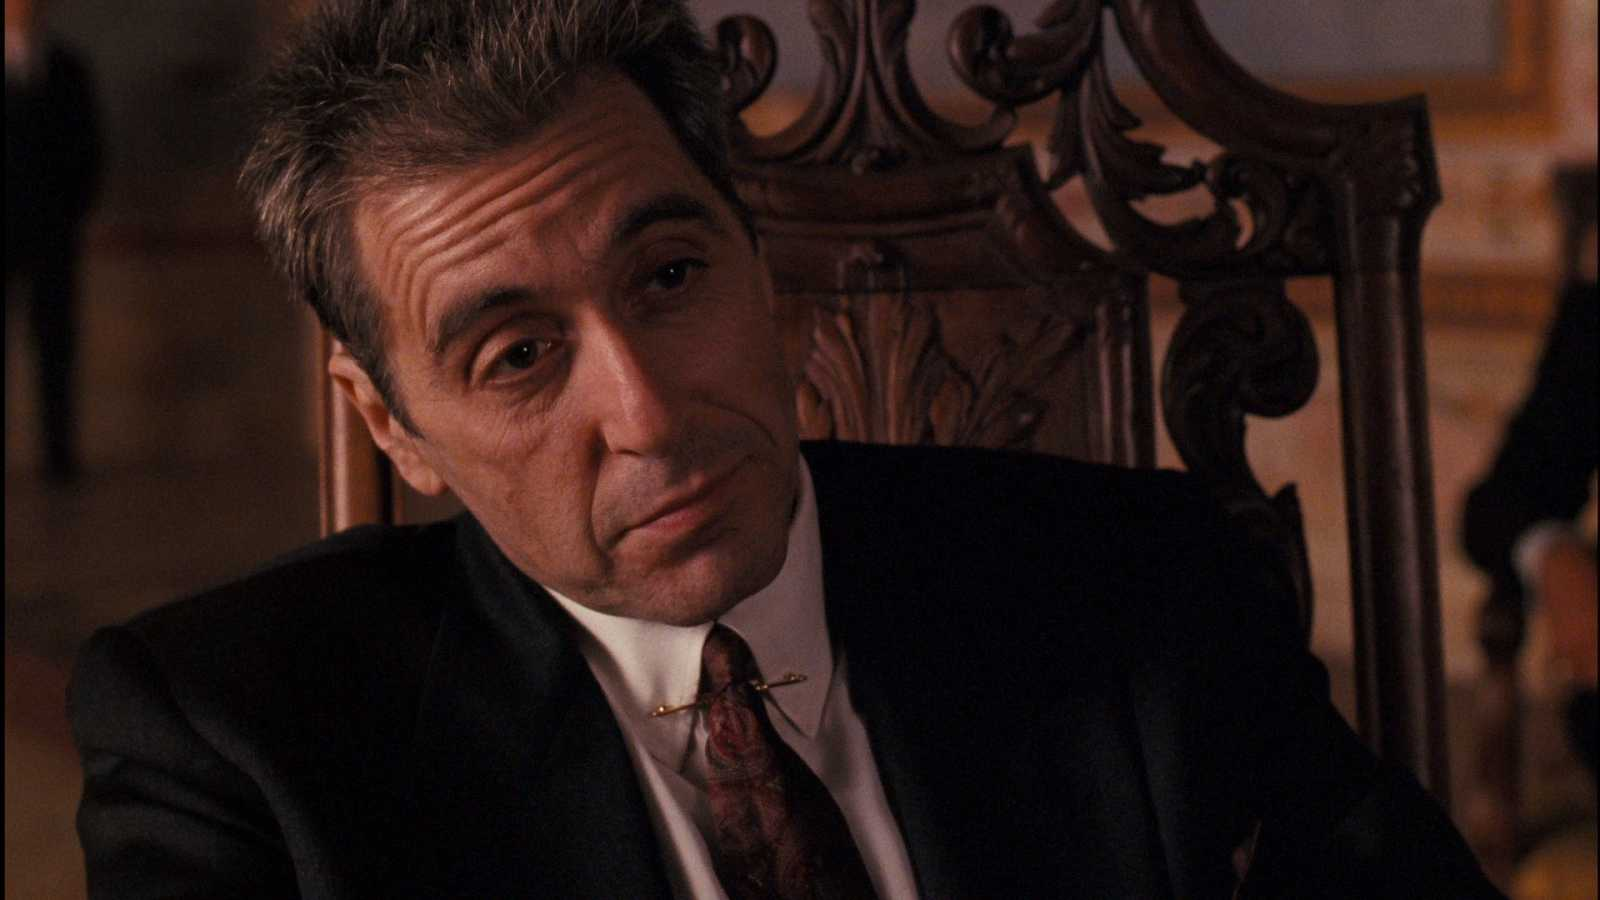 Coppola estrenará una nueva versión de 'El Padrino III' para celebrar el 30 aniversario de la película